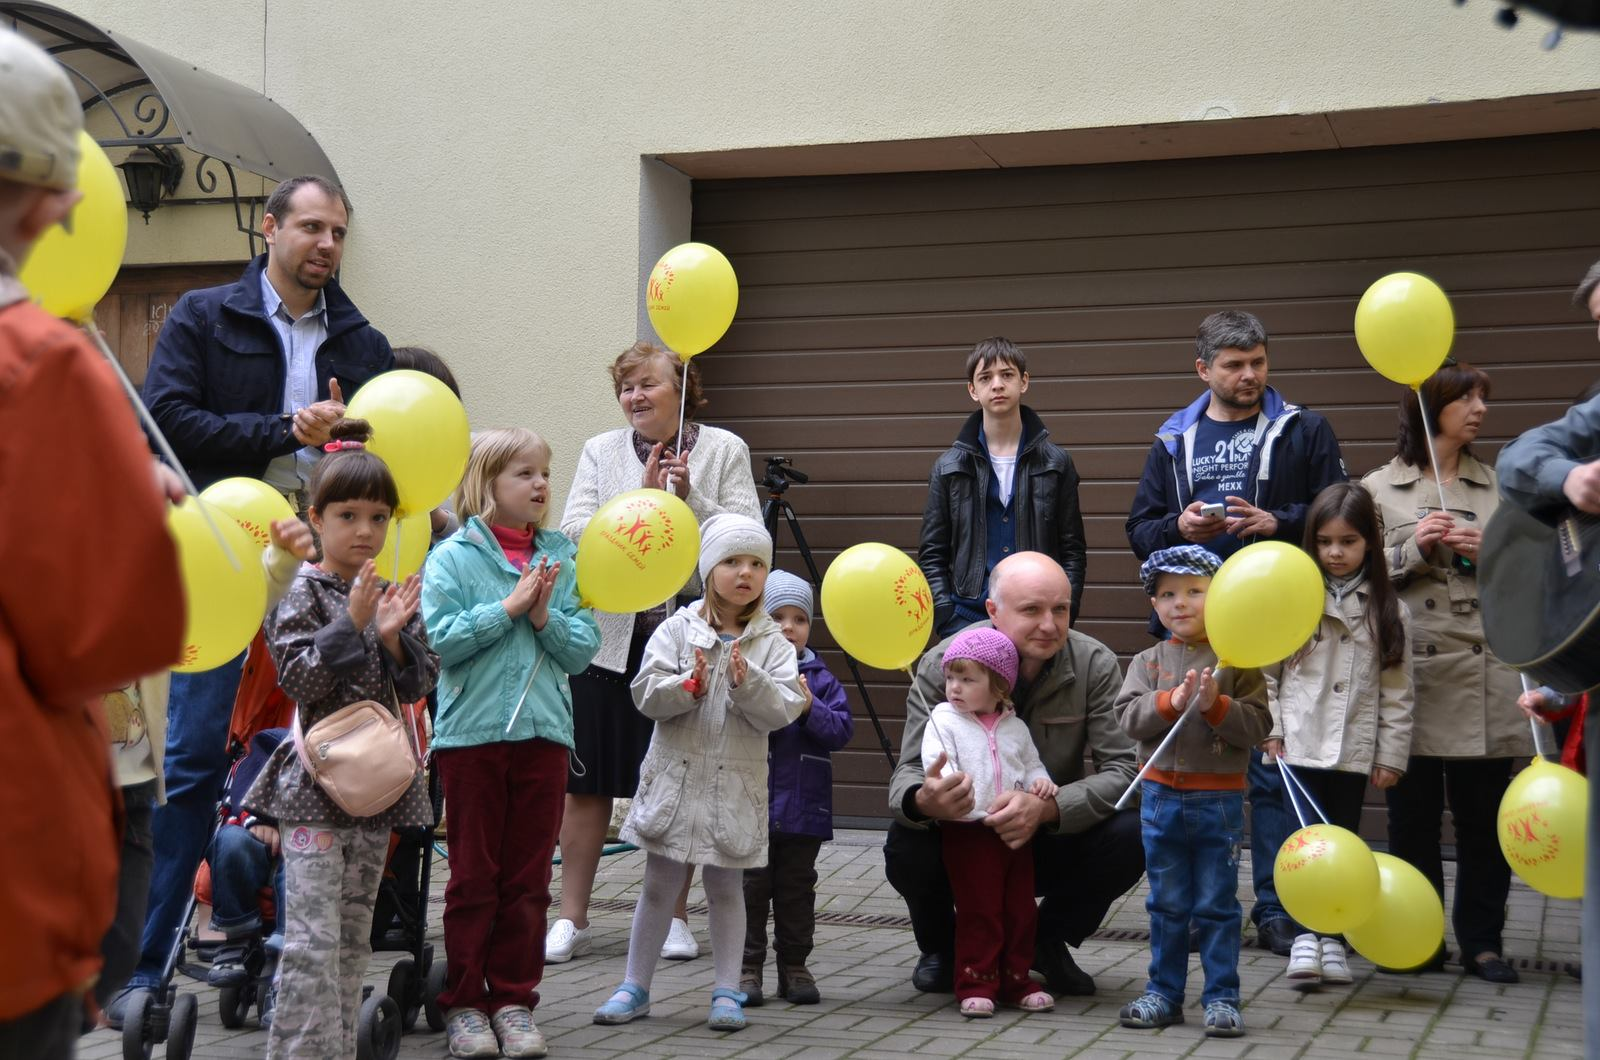 Праздник семей в Петербурге